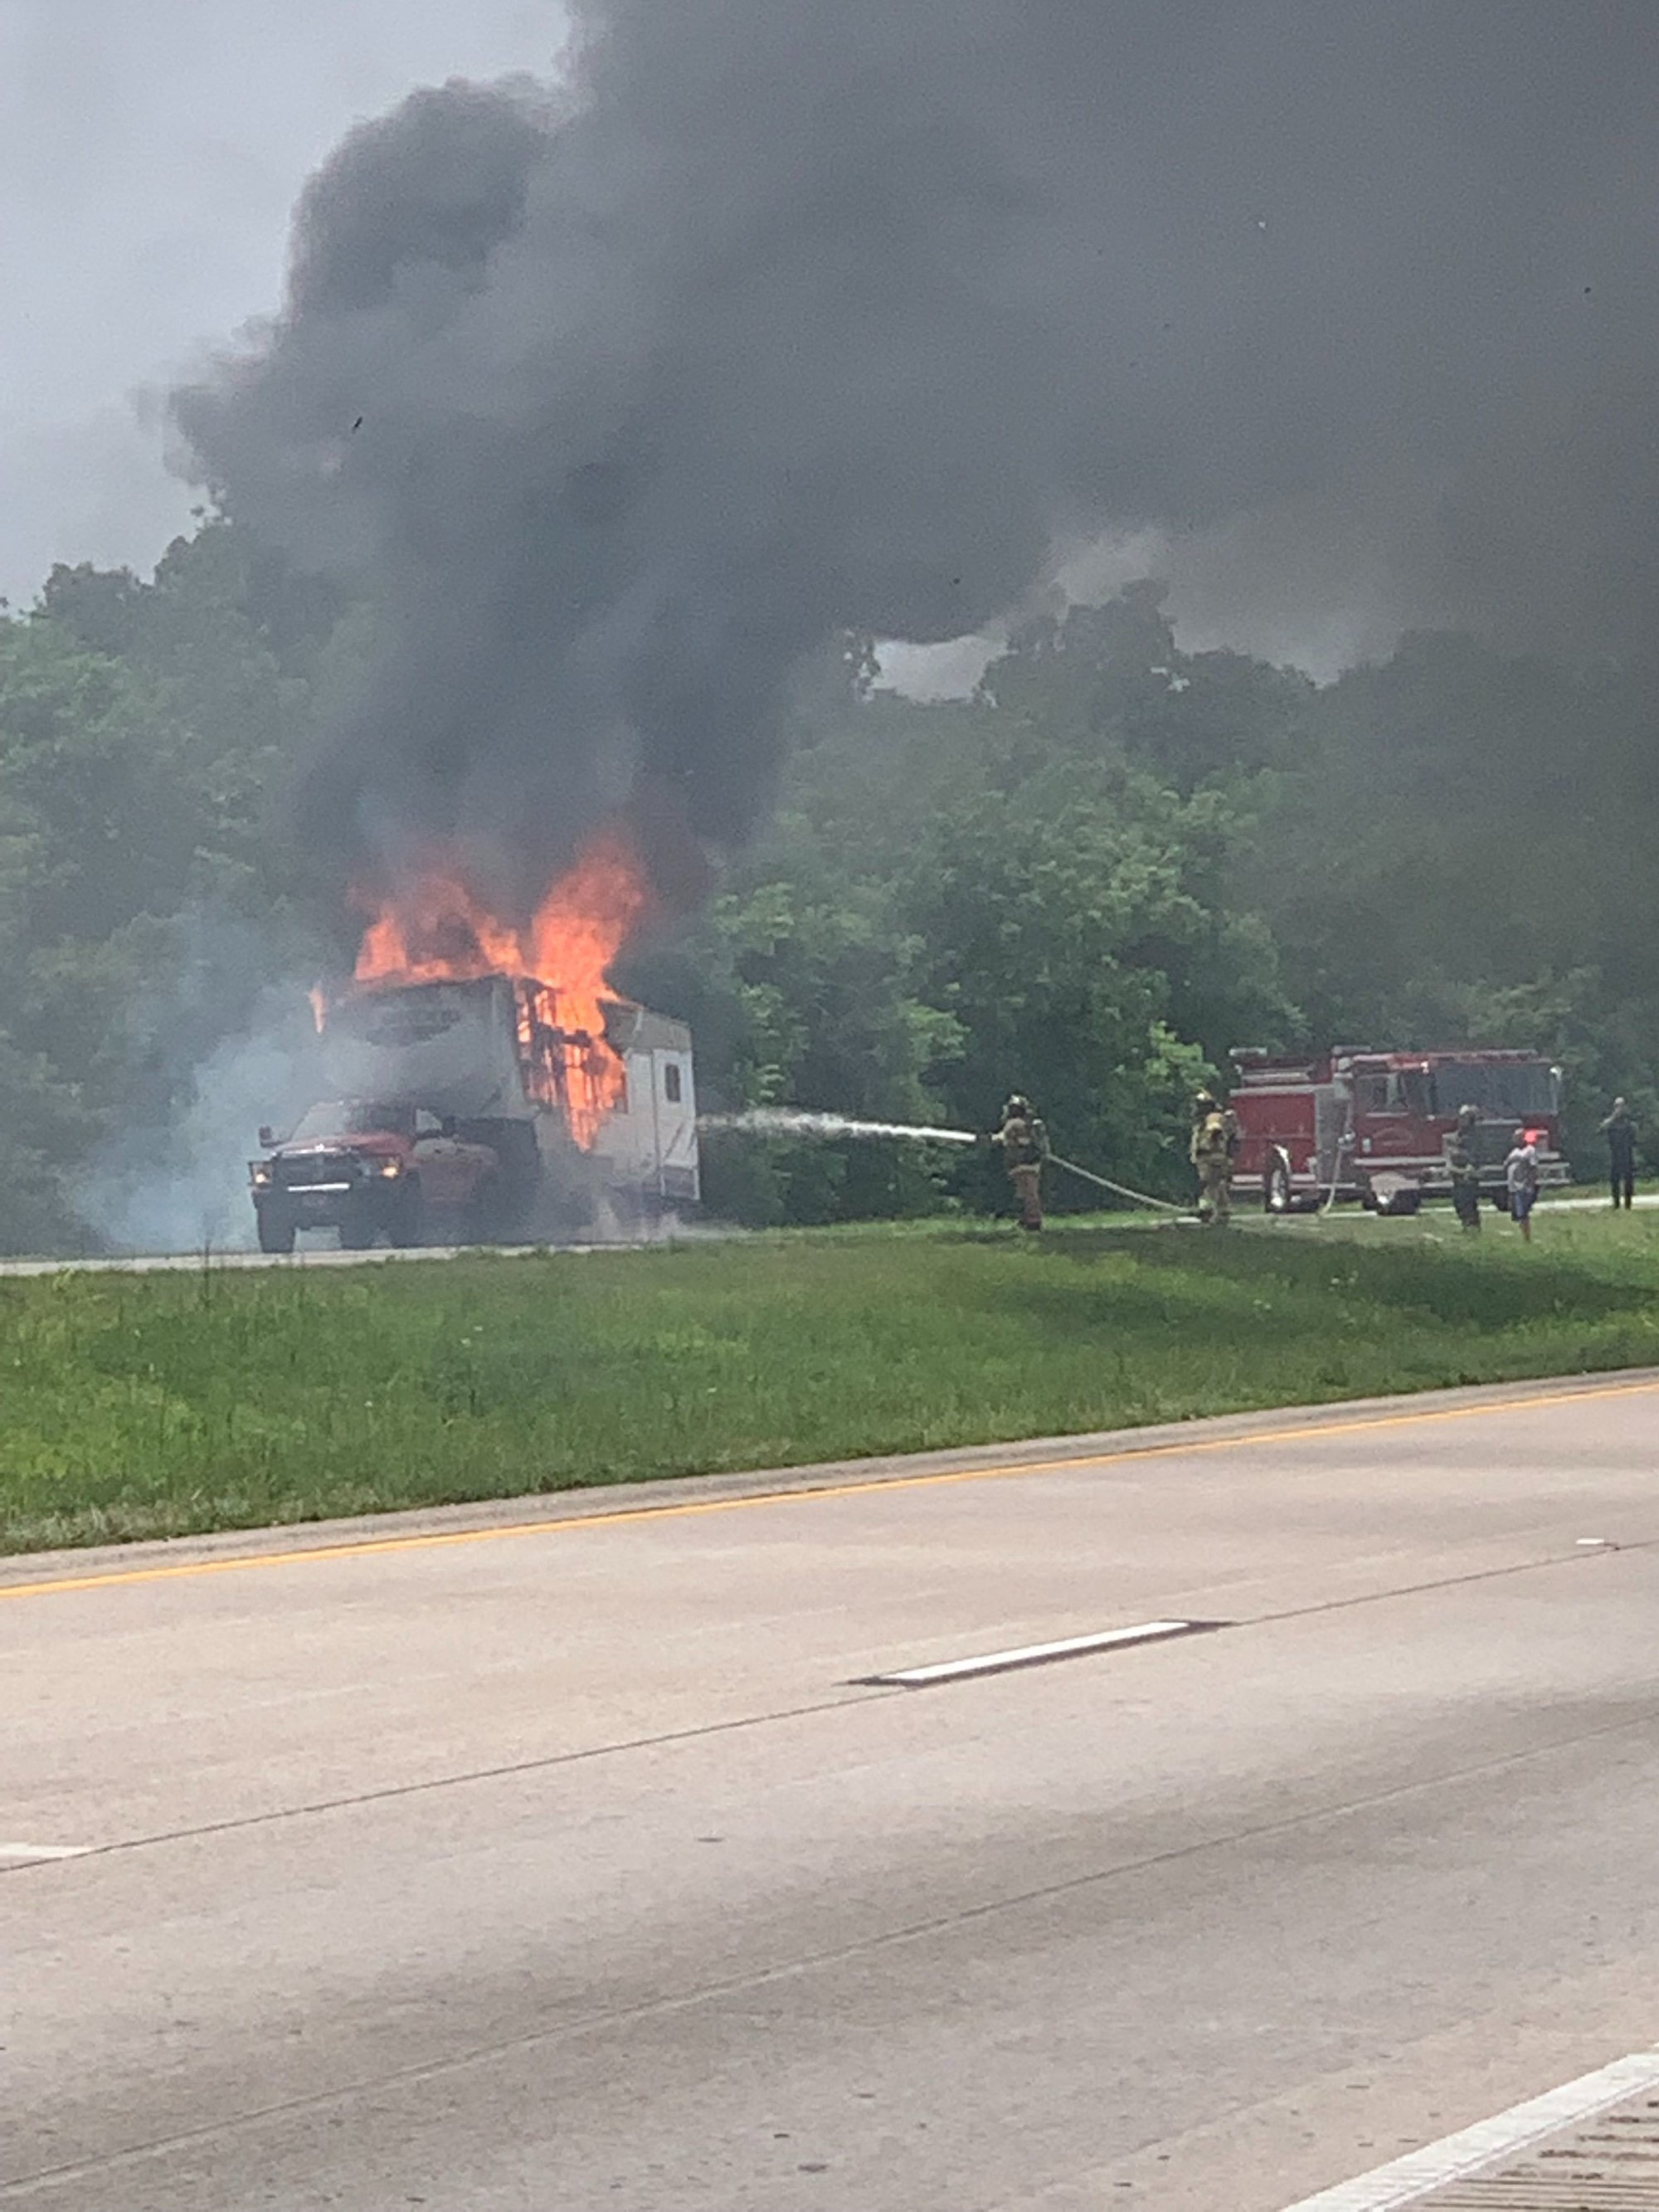 An RV caught fire on Interstate 49, closing the northbound lanes, on June 3, 2019. (Arbnor/Prelvukaj/KFSM)